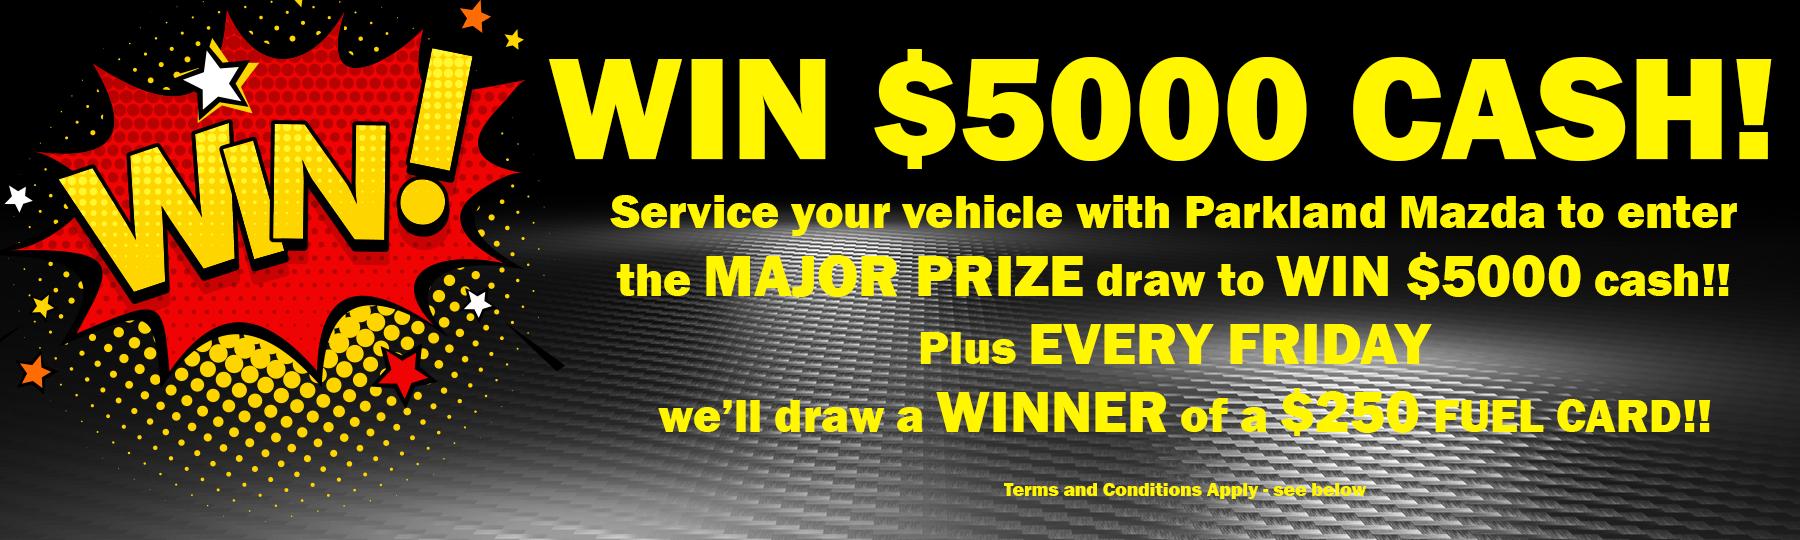 WIN $5000!